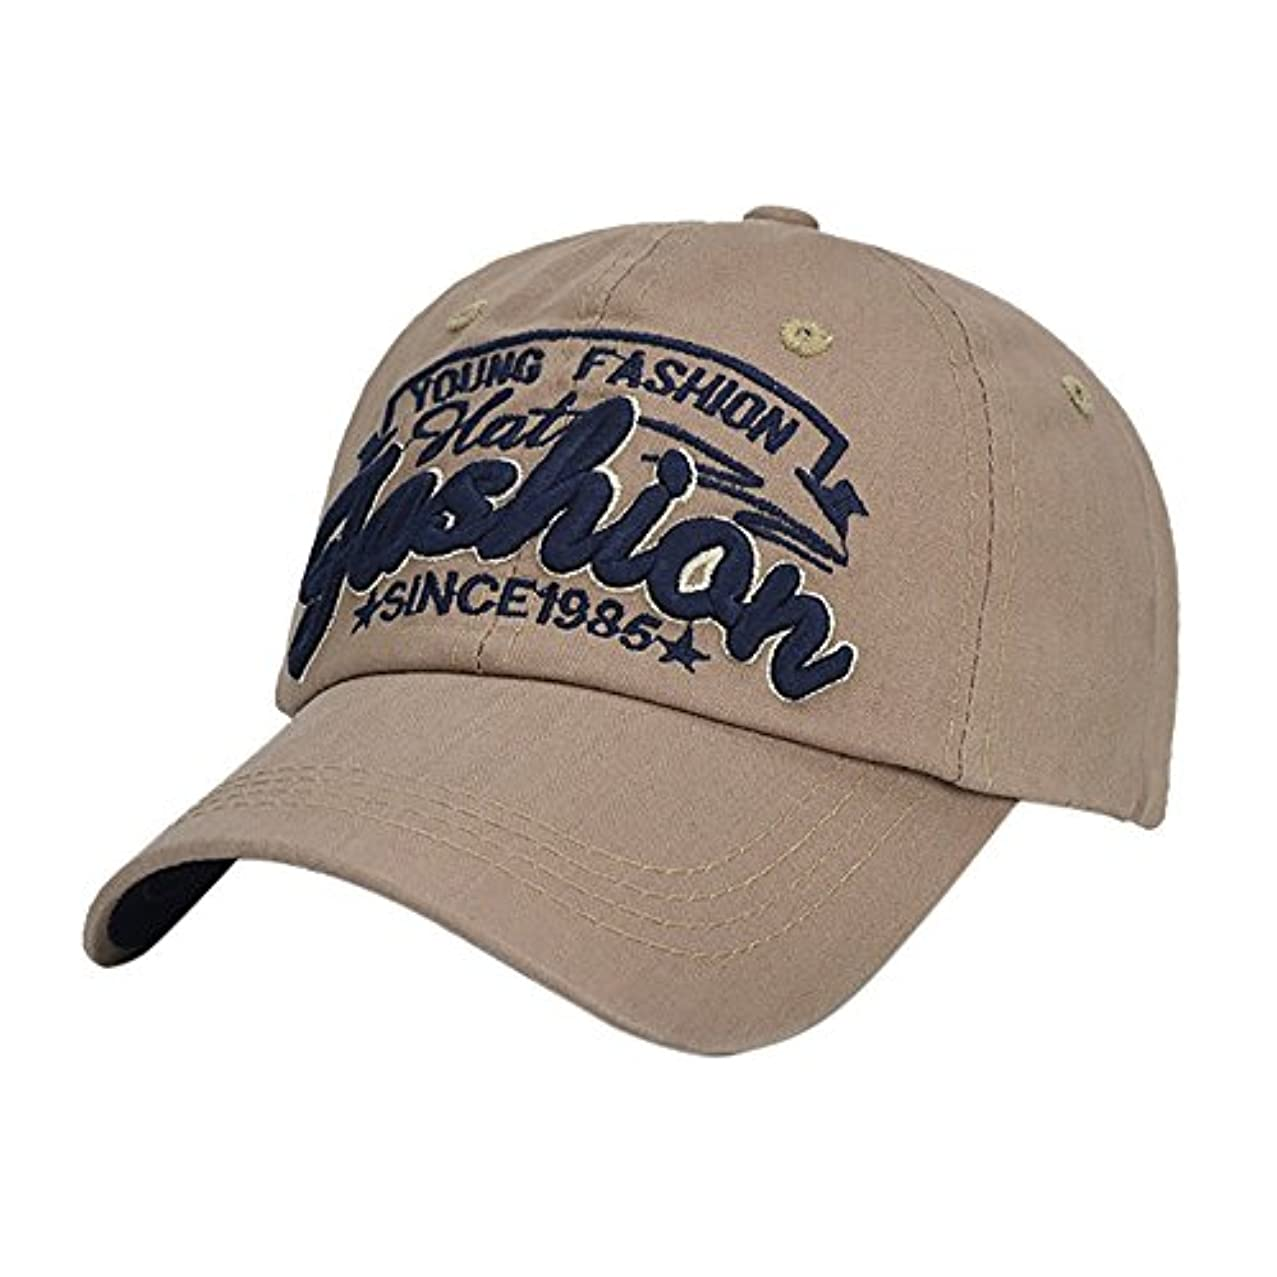 ヘリコプター飛ぶ何よりもRacazing Cap ヒップホップ 野球帽 ストリートダンス 夏 登山 通気性のある 帽子 パール ビーディング 可調整可能 日焼け止め 棒球帽 UV 帽子 軽量 屋外 女性向 Hat (コーヒー)